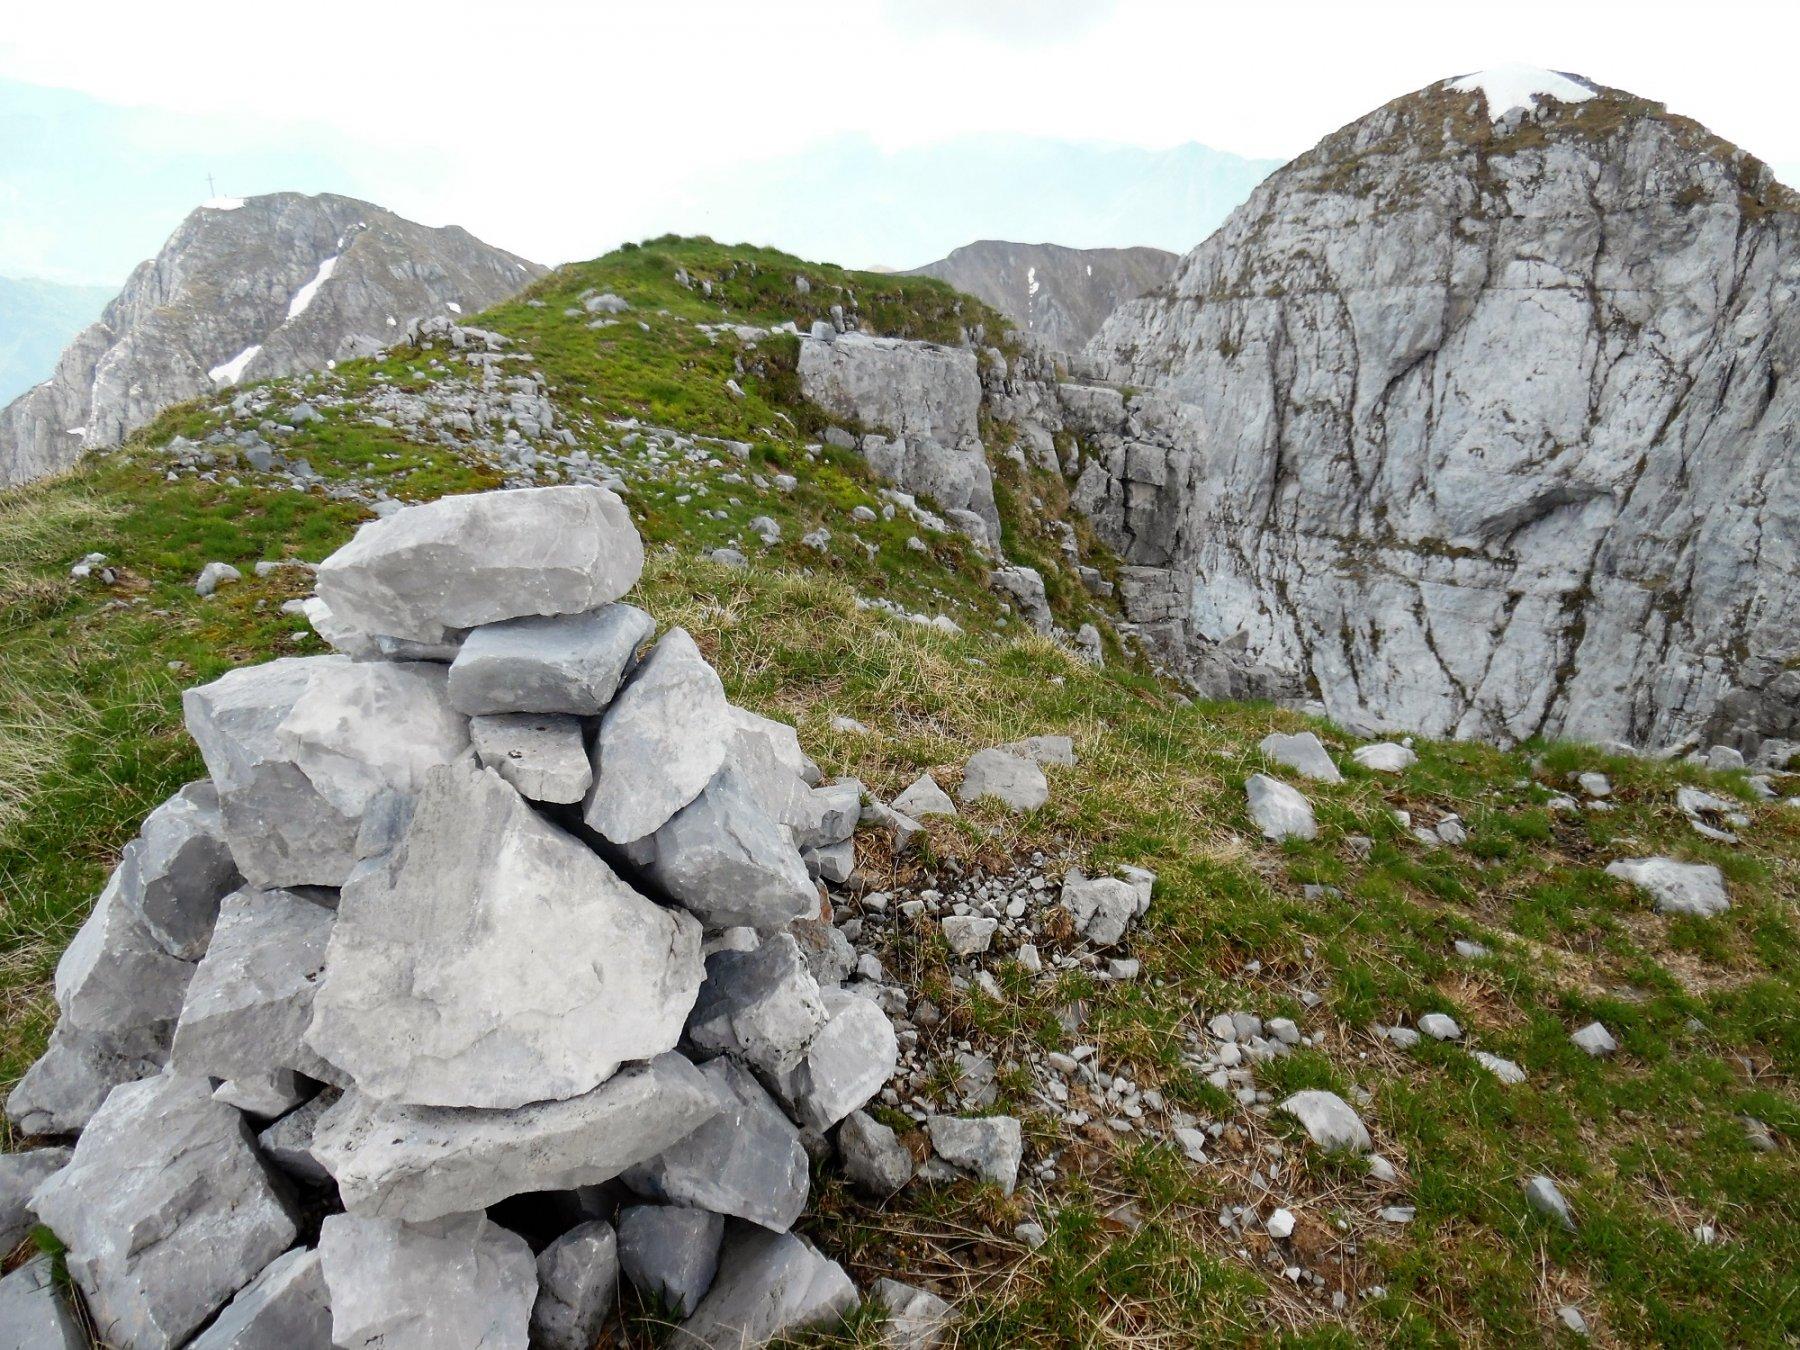 Cima Ovest di Monte Secco 2267 m. Dietro a sinistra la Croce di M.S. e a destra la Cima Est di M.S.